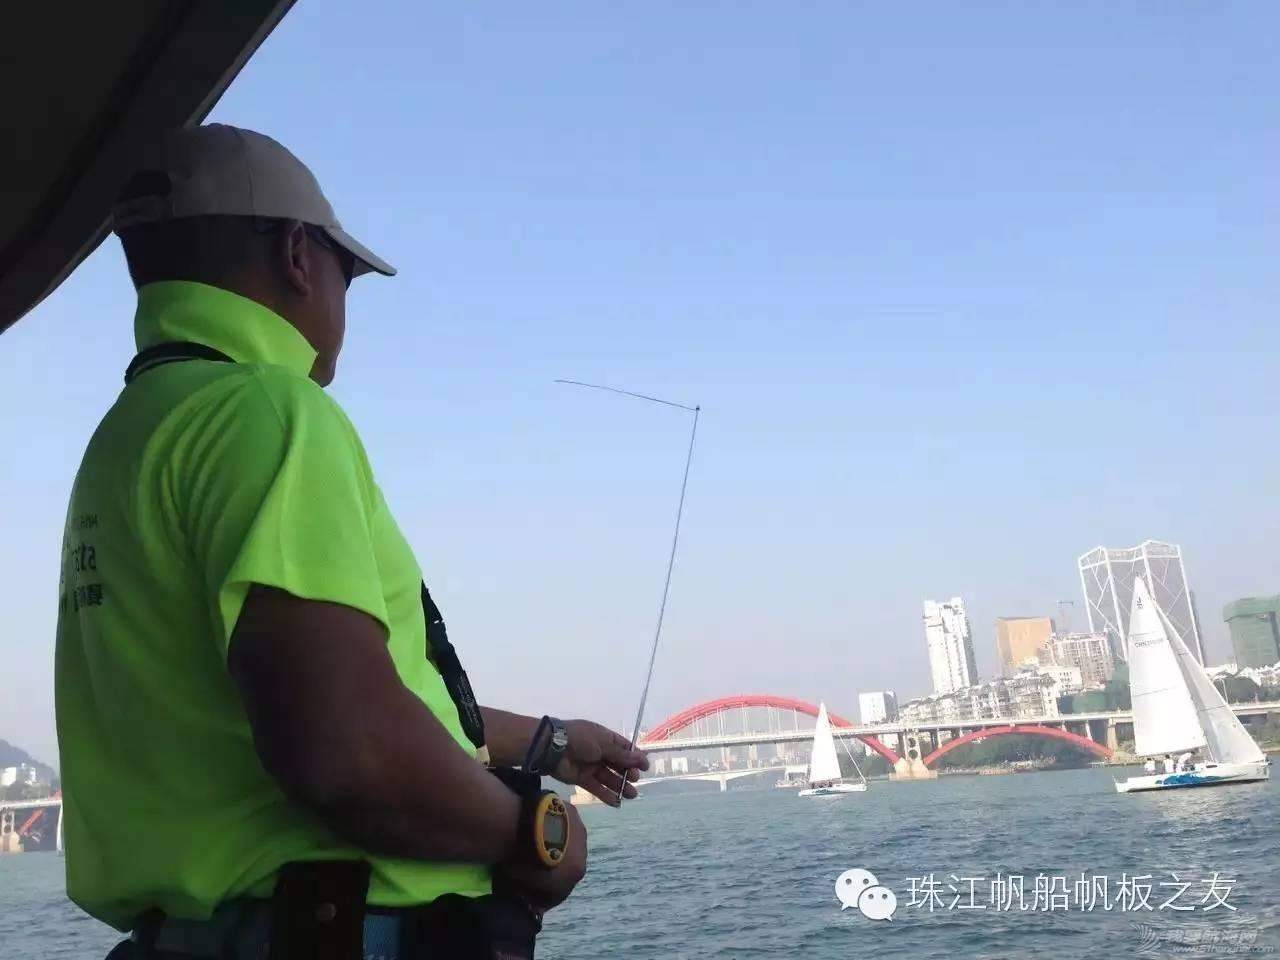 广州帆协在柳州第五届帆船赛 1b389f8bca90709d64c16745d7afb346.jpg